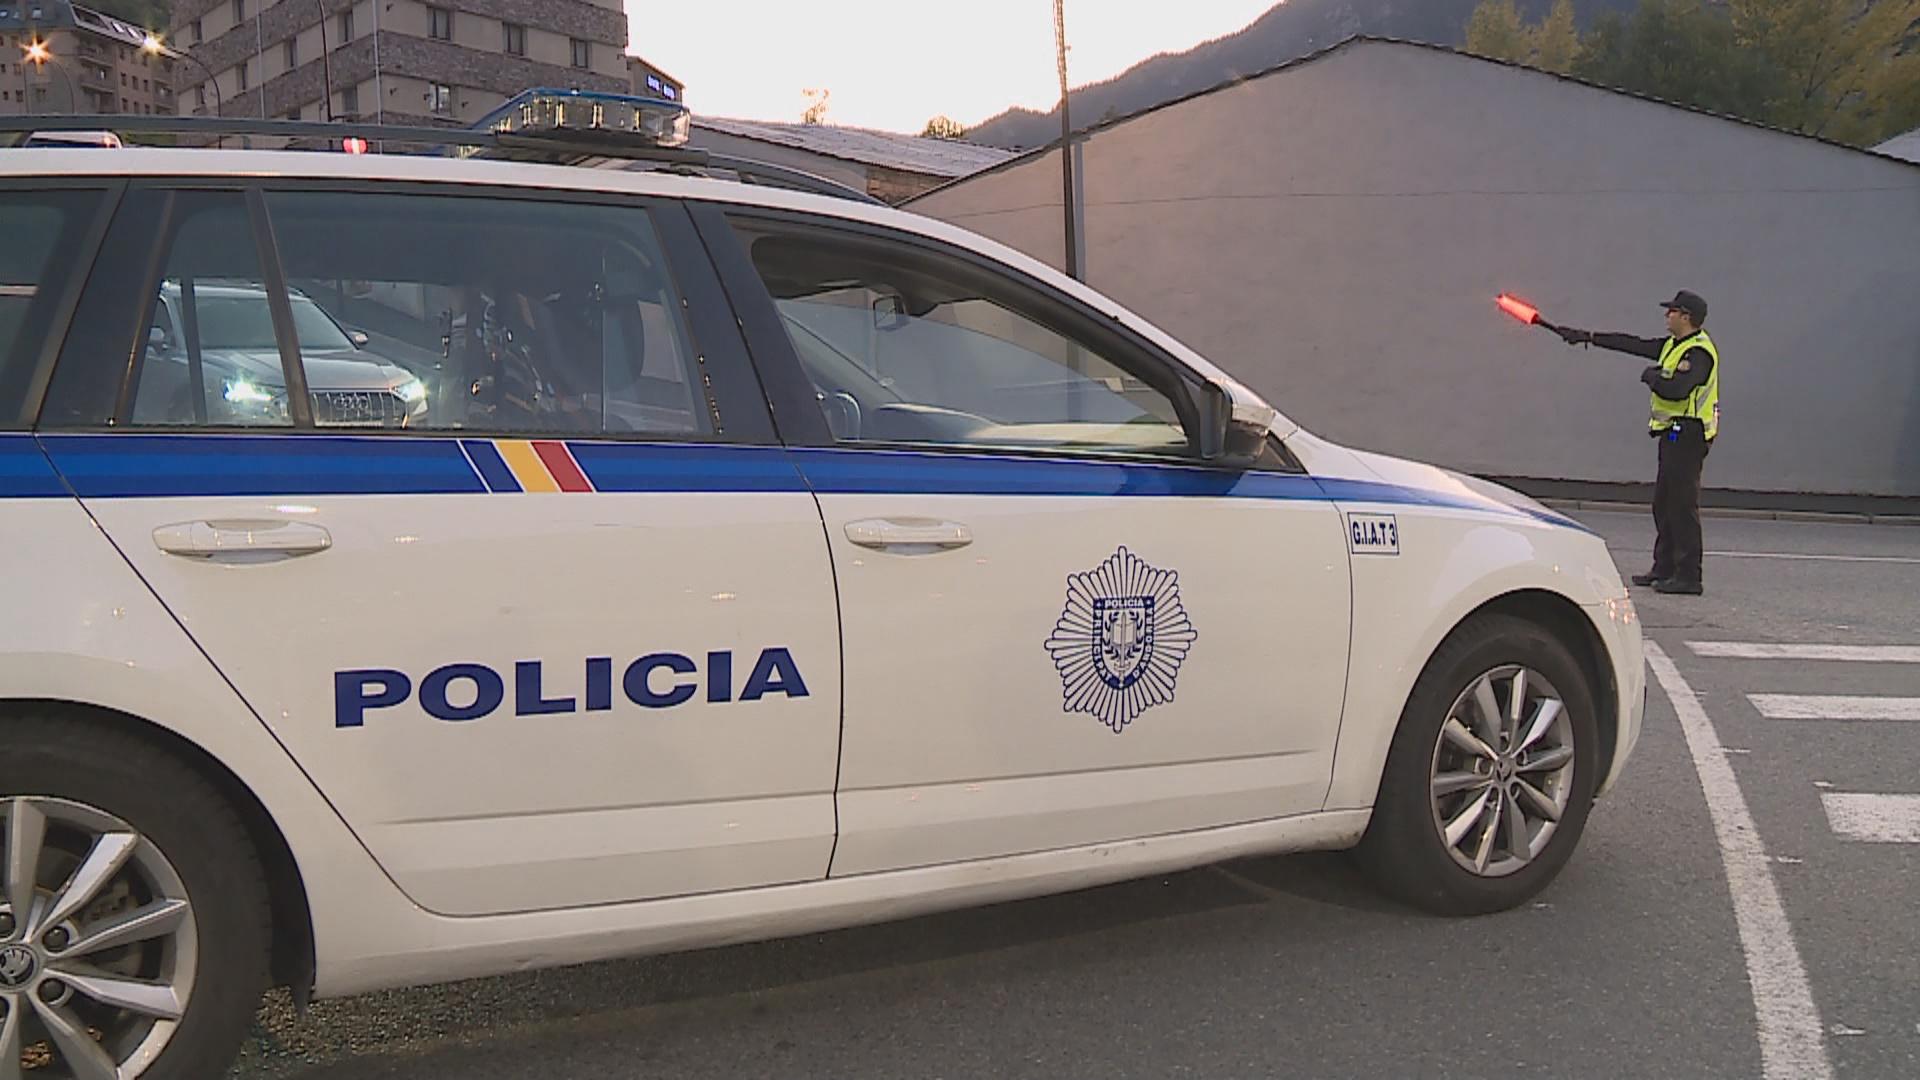 Així ha estat la primera fuga d'un pres a Andorra